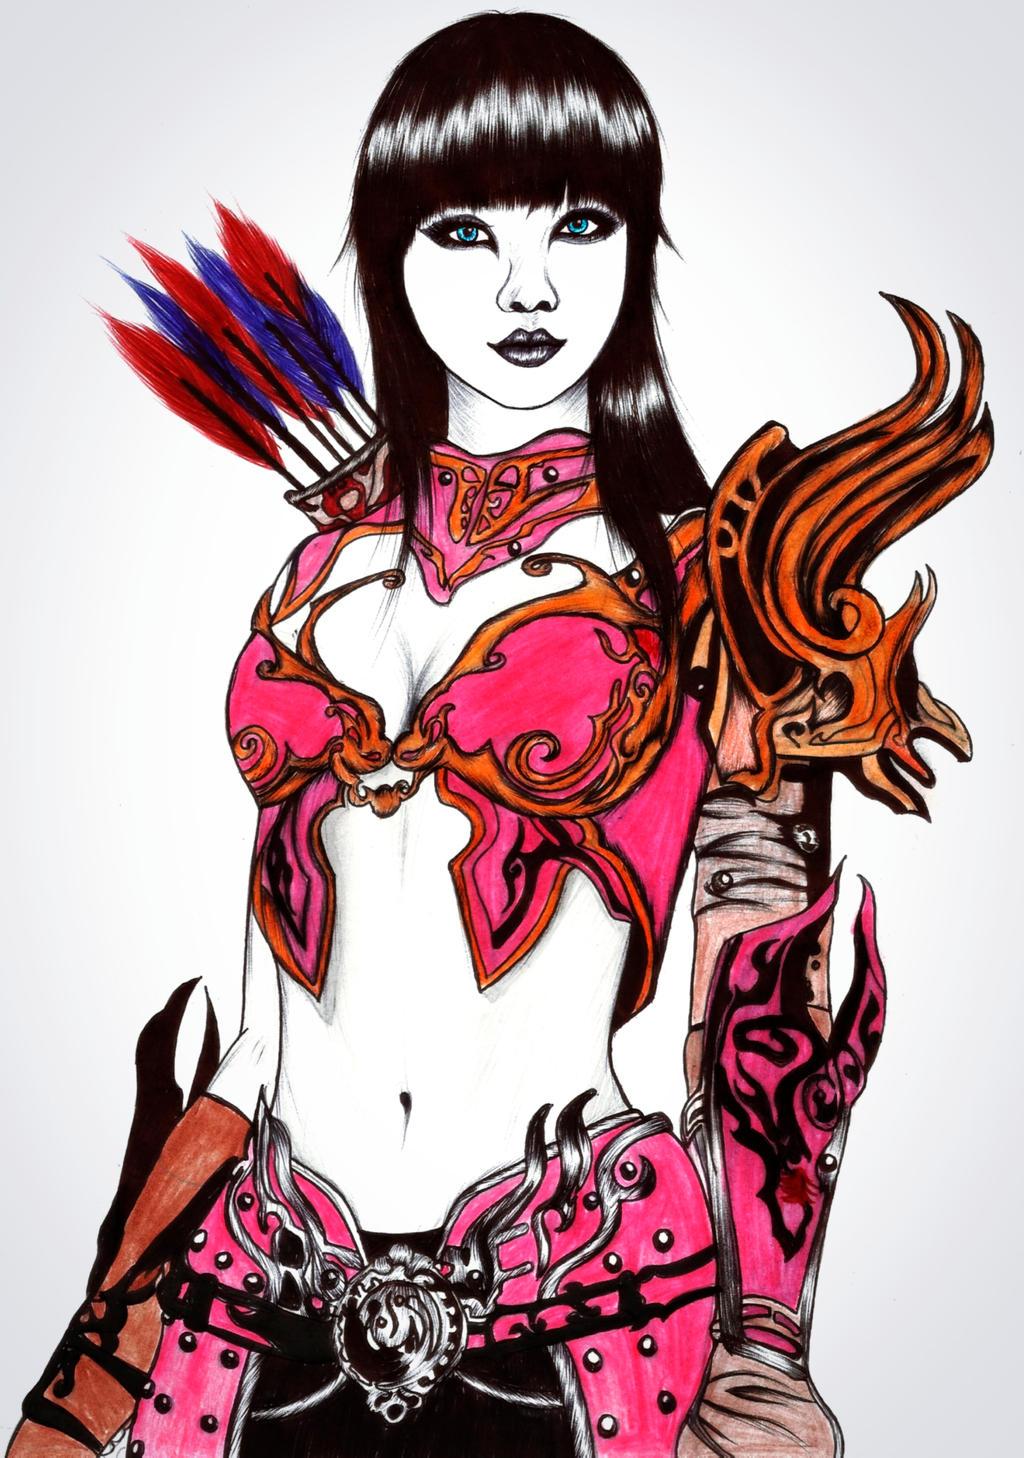 Warrior girl 2 by carldraw